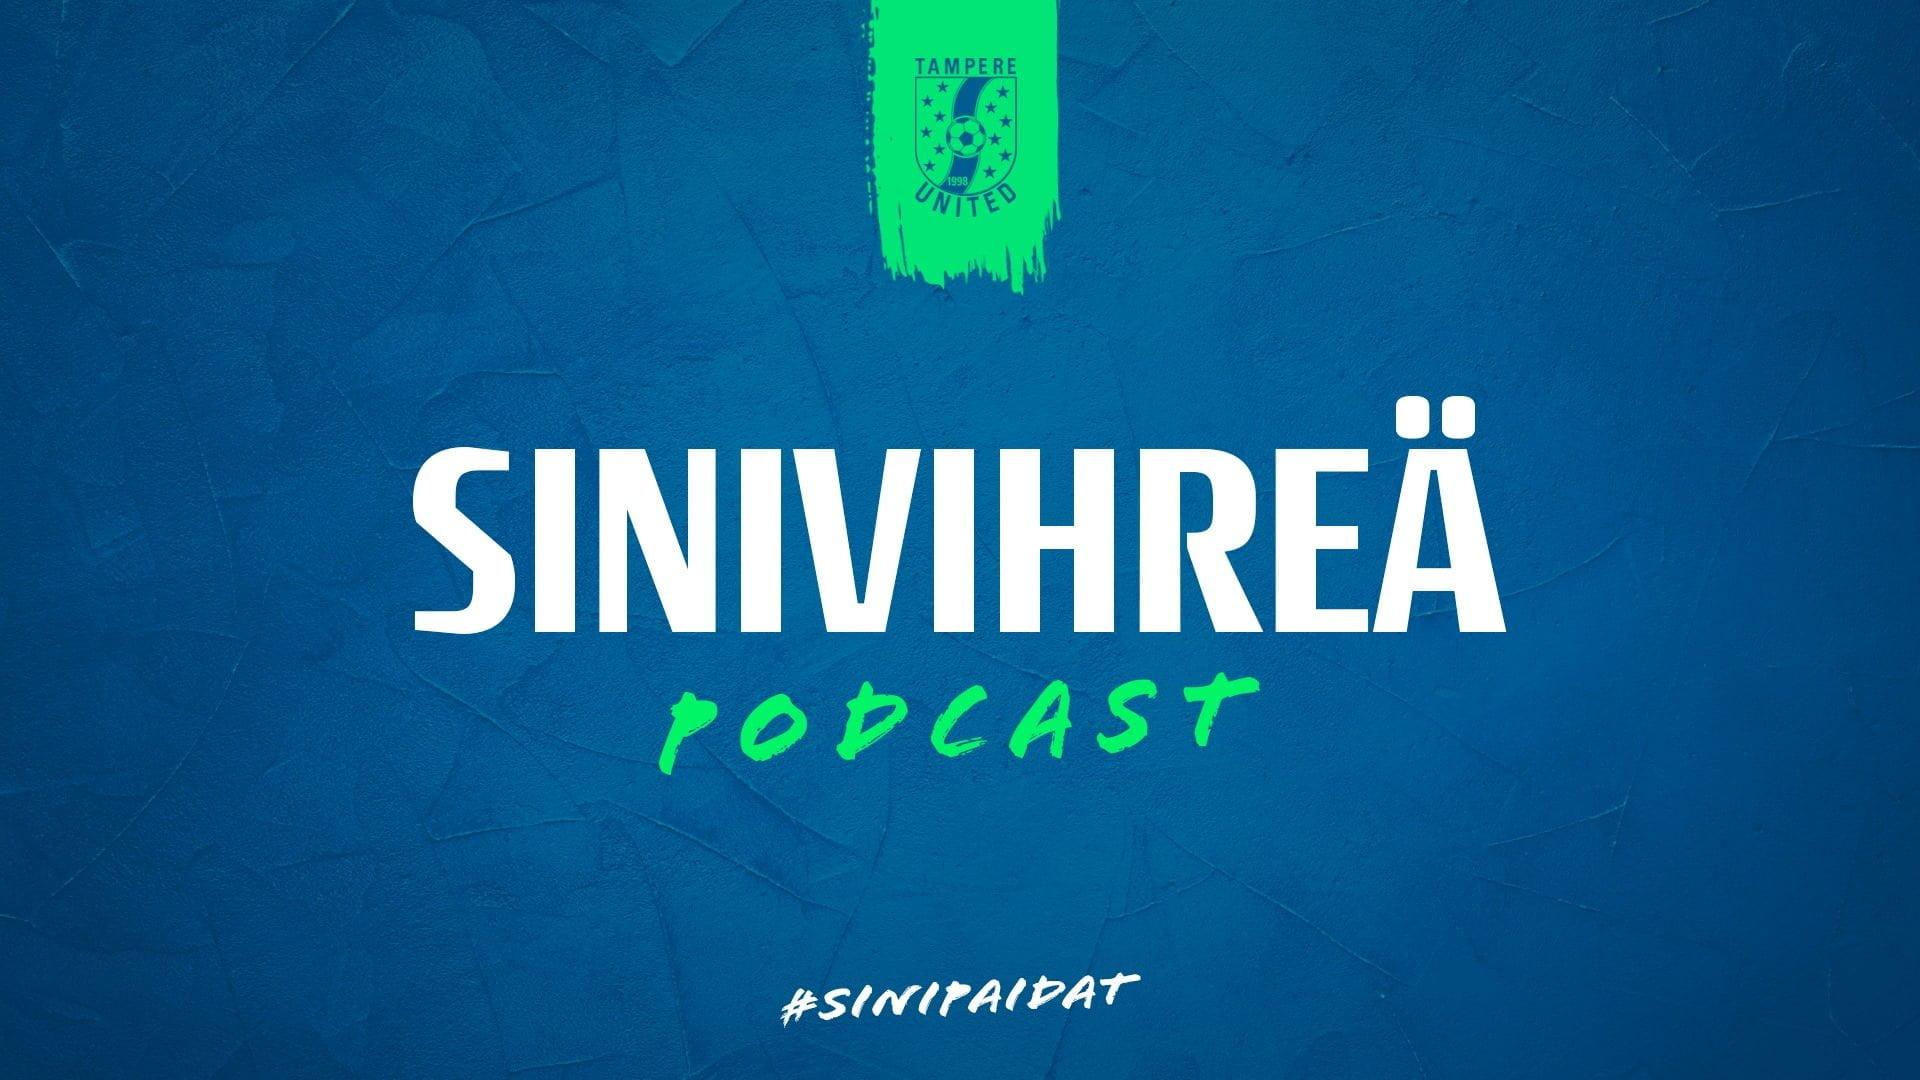 Podcastin jaksossa 03/2021 on käsittelyssä kannattajapolut -uutiskuva